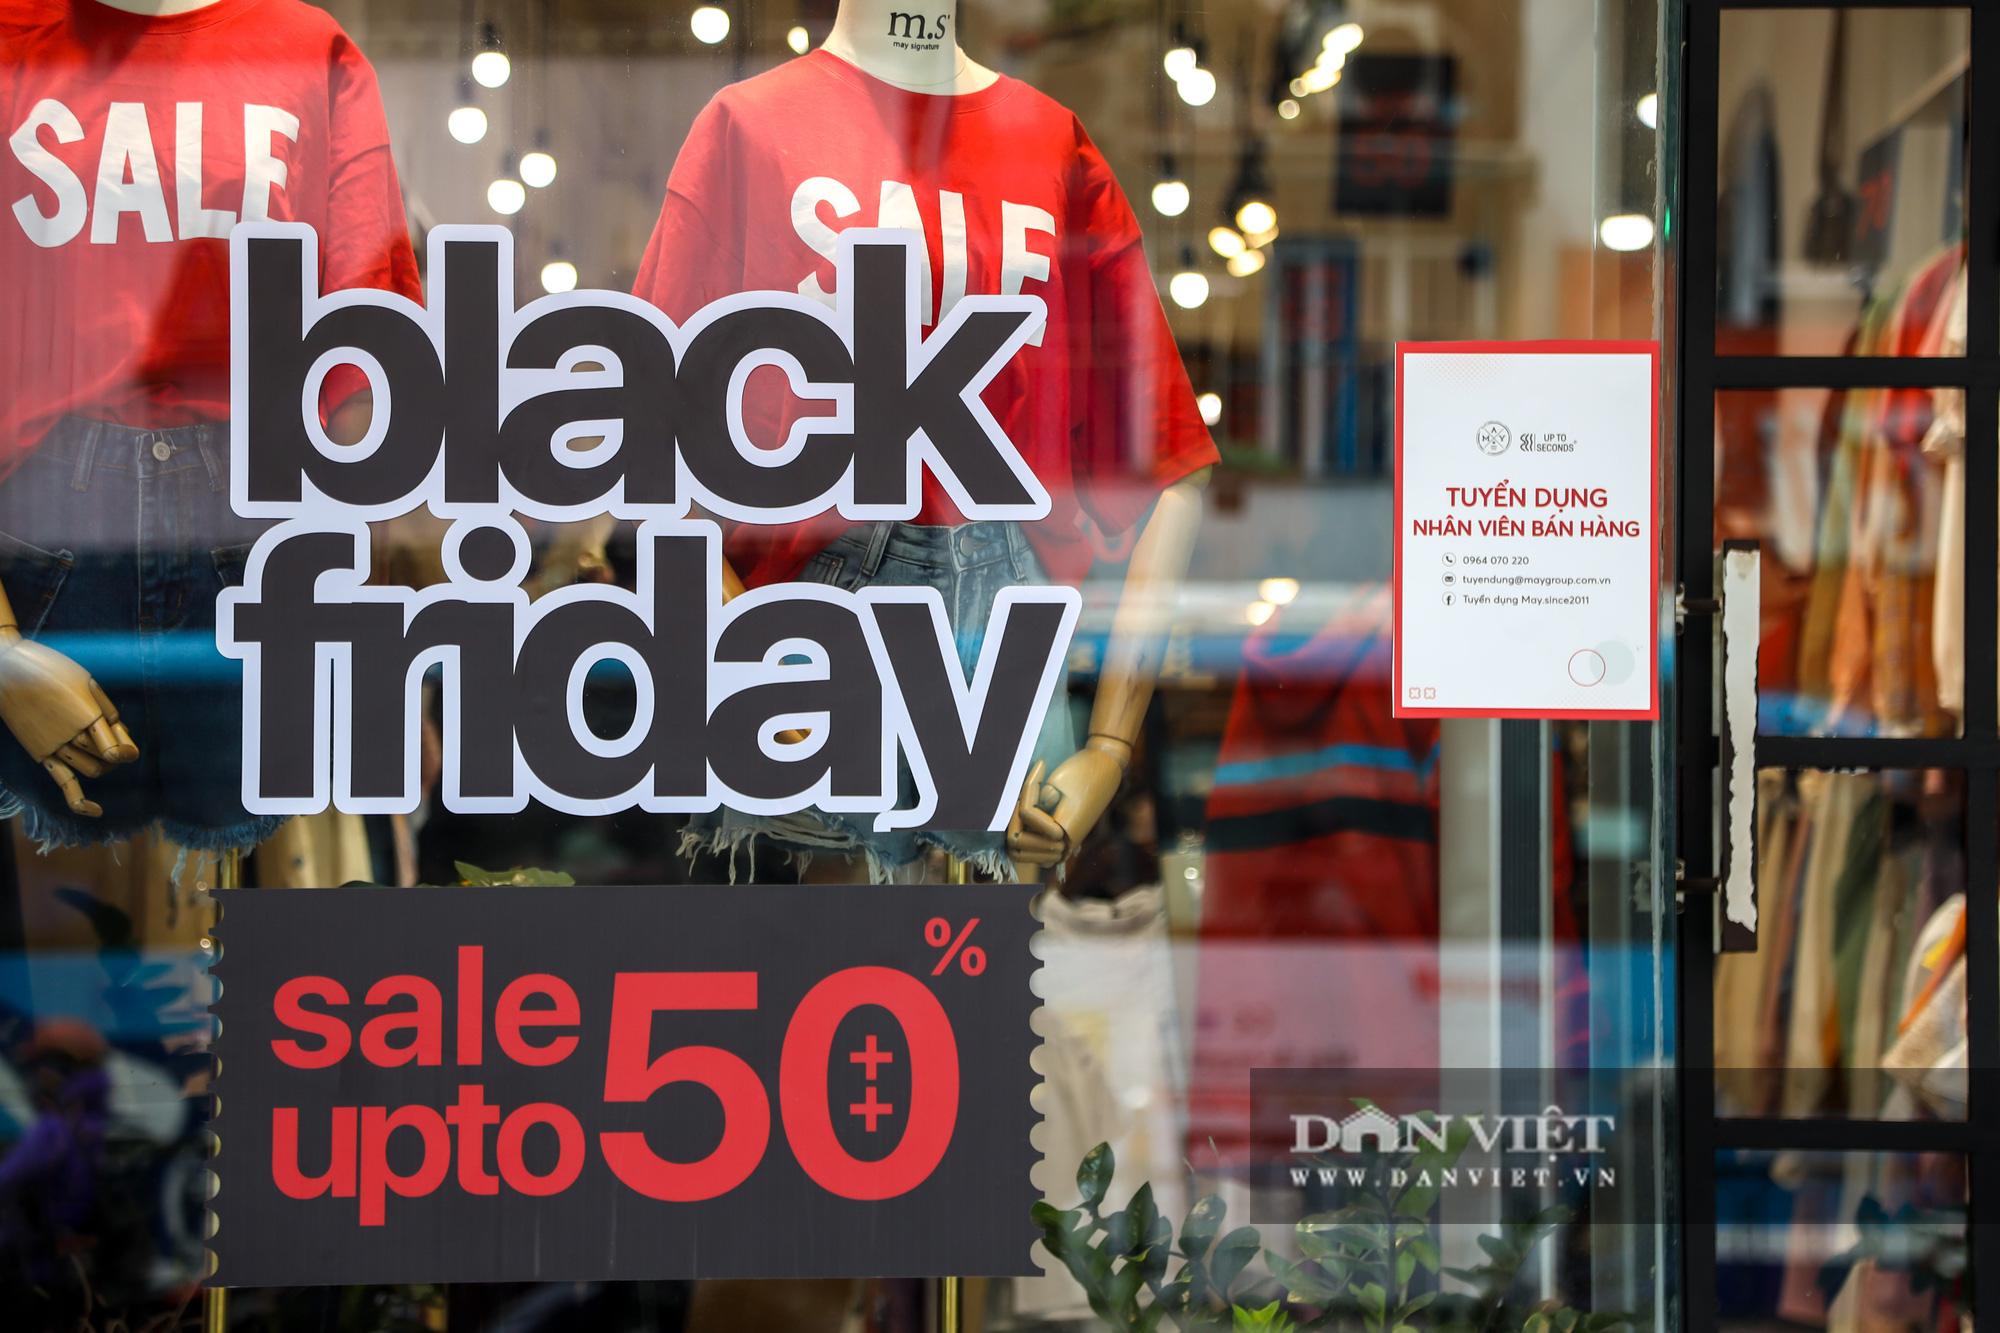 Phố thời trang Hà Nội rợp biển giảm giá 80% dù chưa đến Black Friday - Ảnh 3.